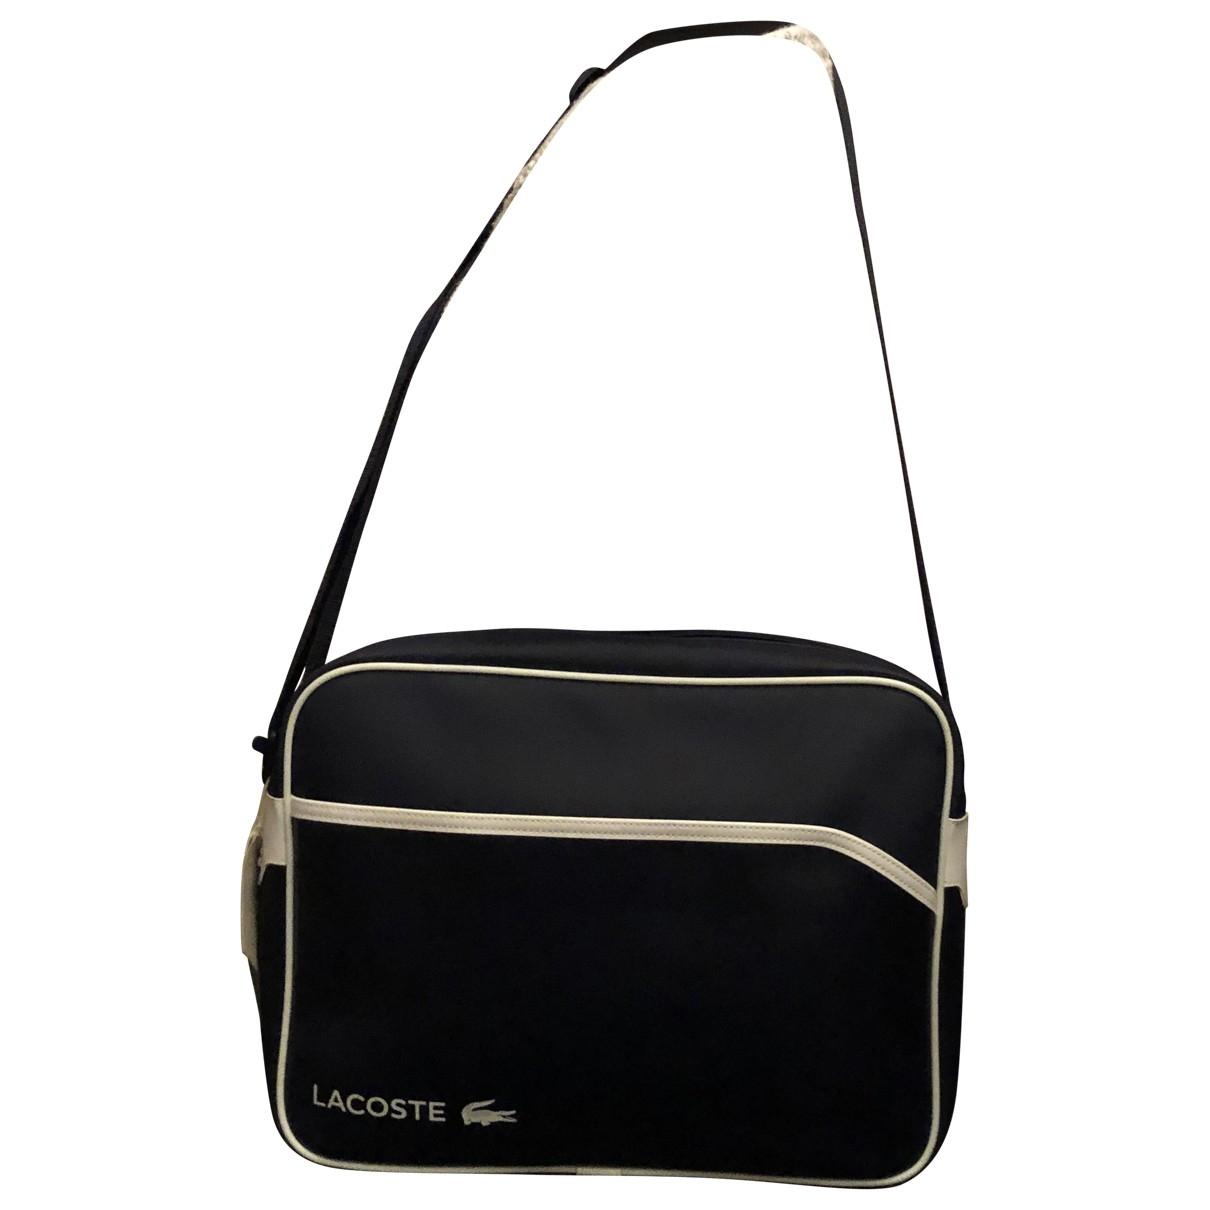 Lacoste \N Navy Leather bag for Men \N